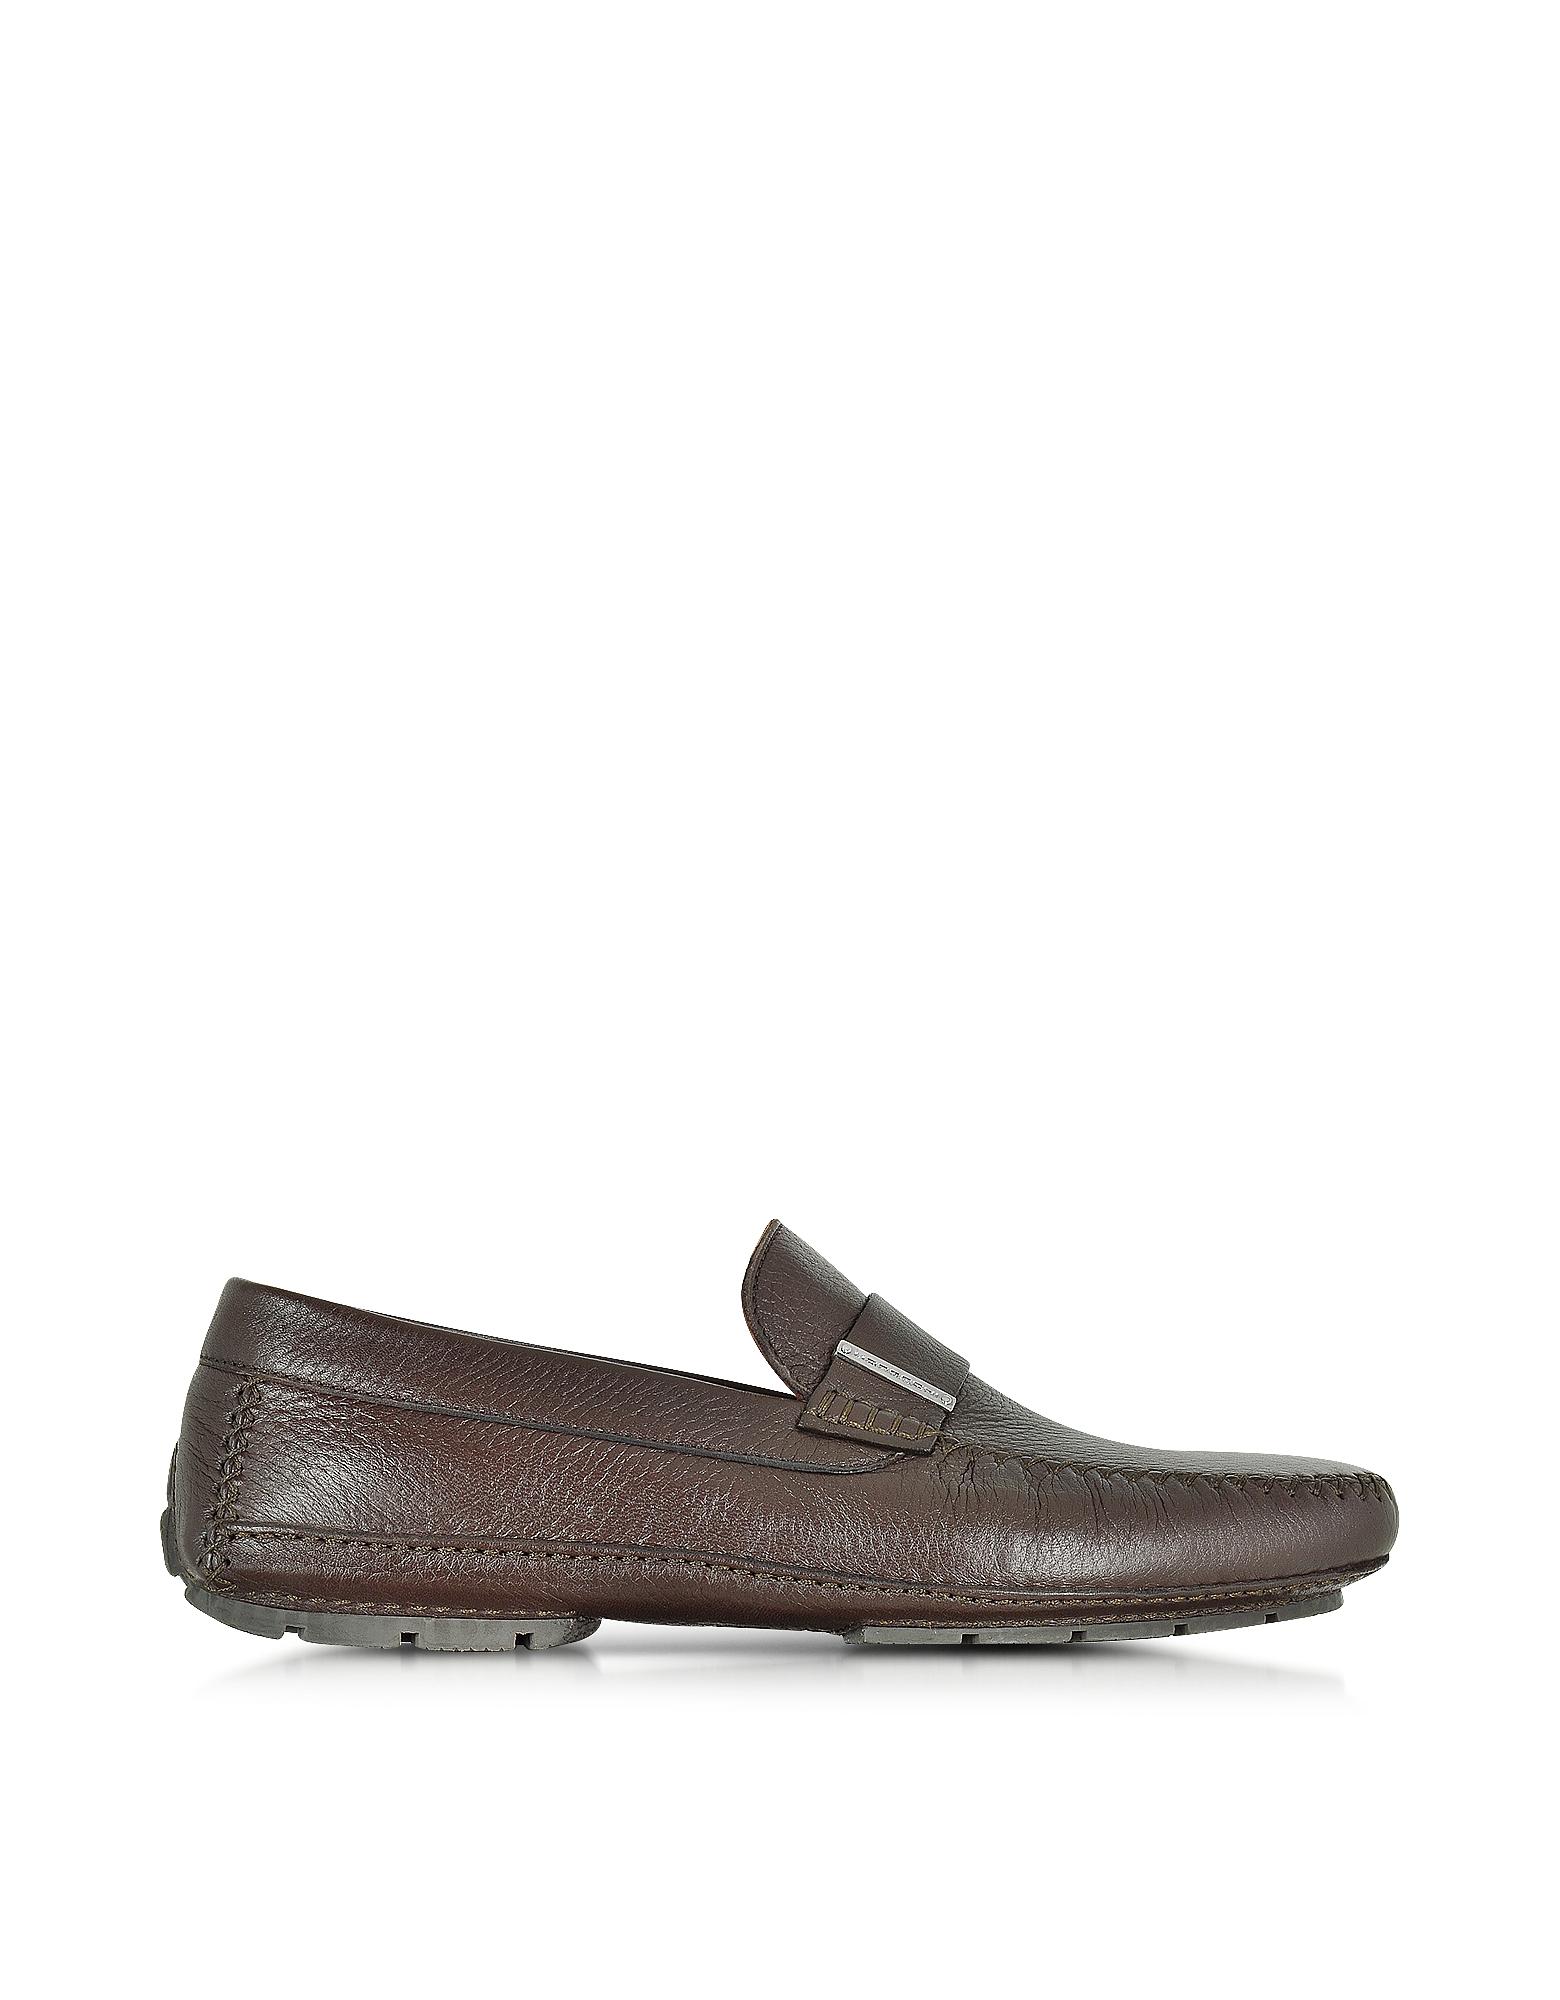 Miami - Темно-коричневые Туфли для Вождения из Кожи Оленя с Резиновой Подошвой